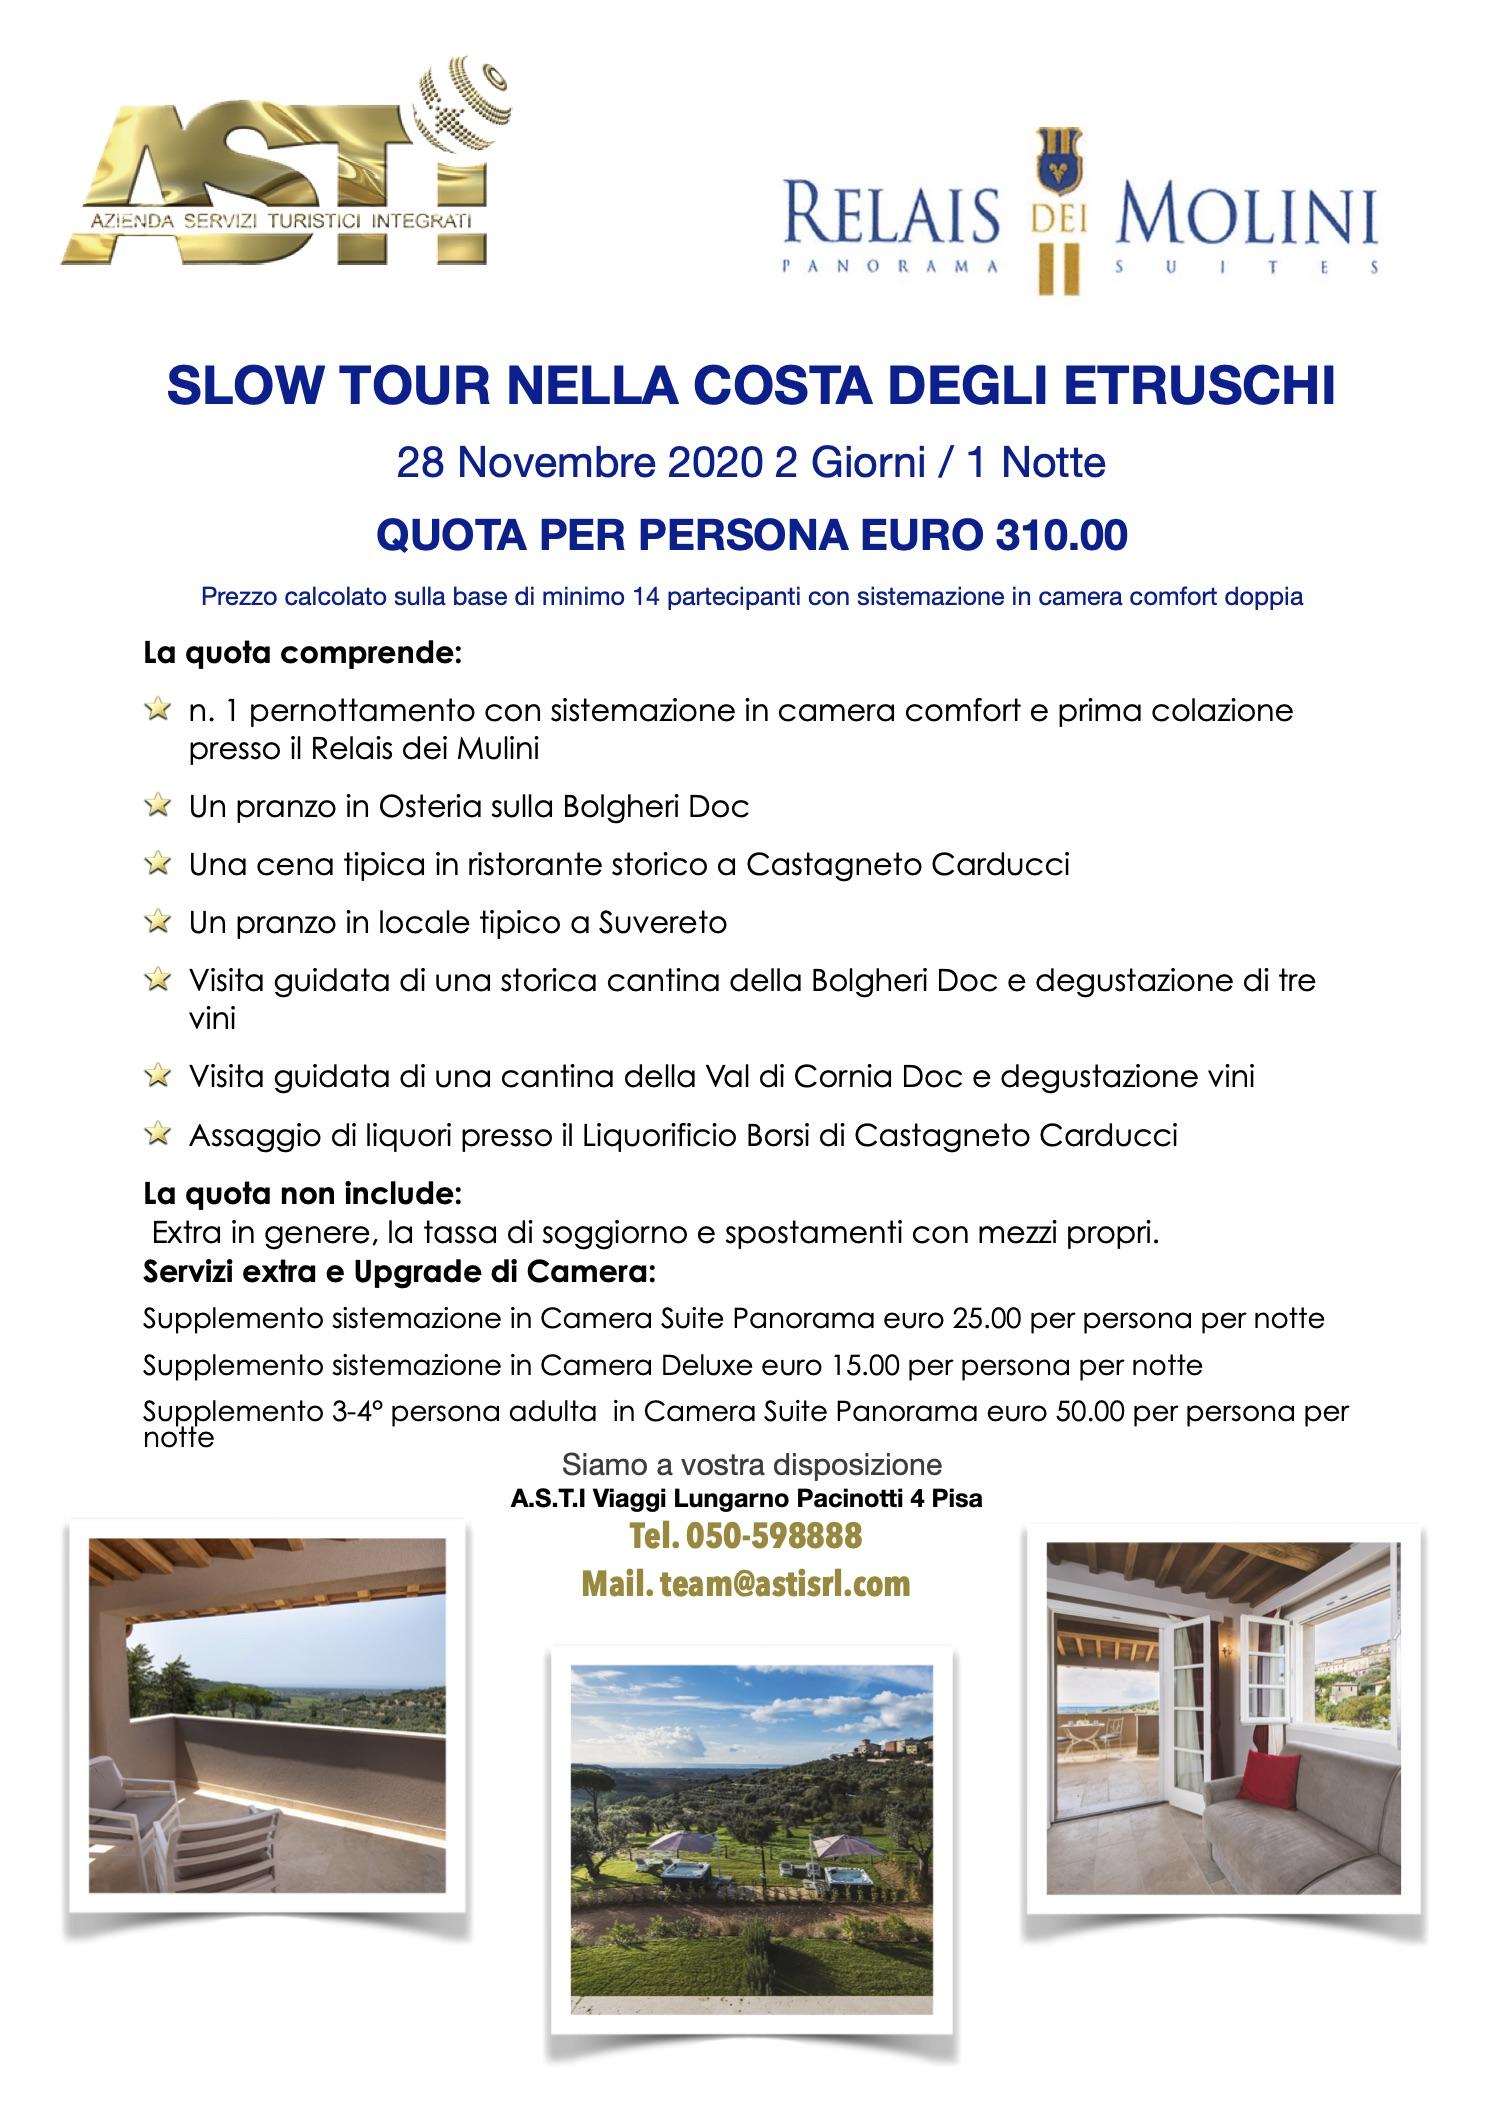 SLOW TOUR NELLA COSTA DEGLI ETRUSCHI